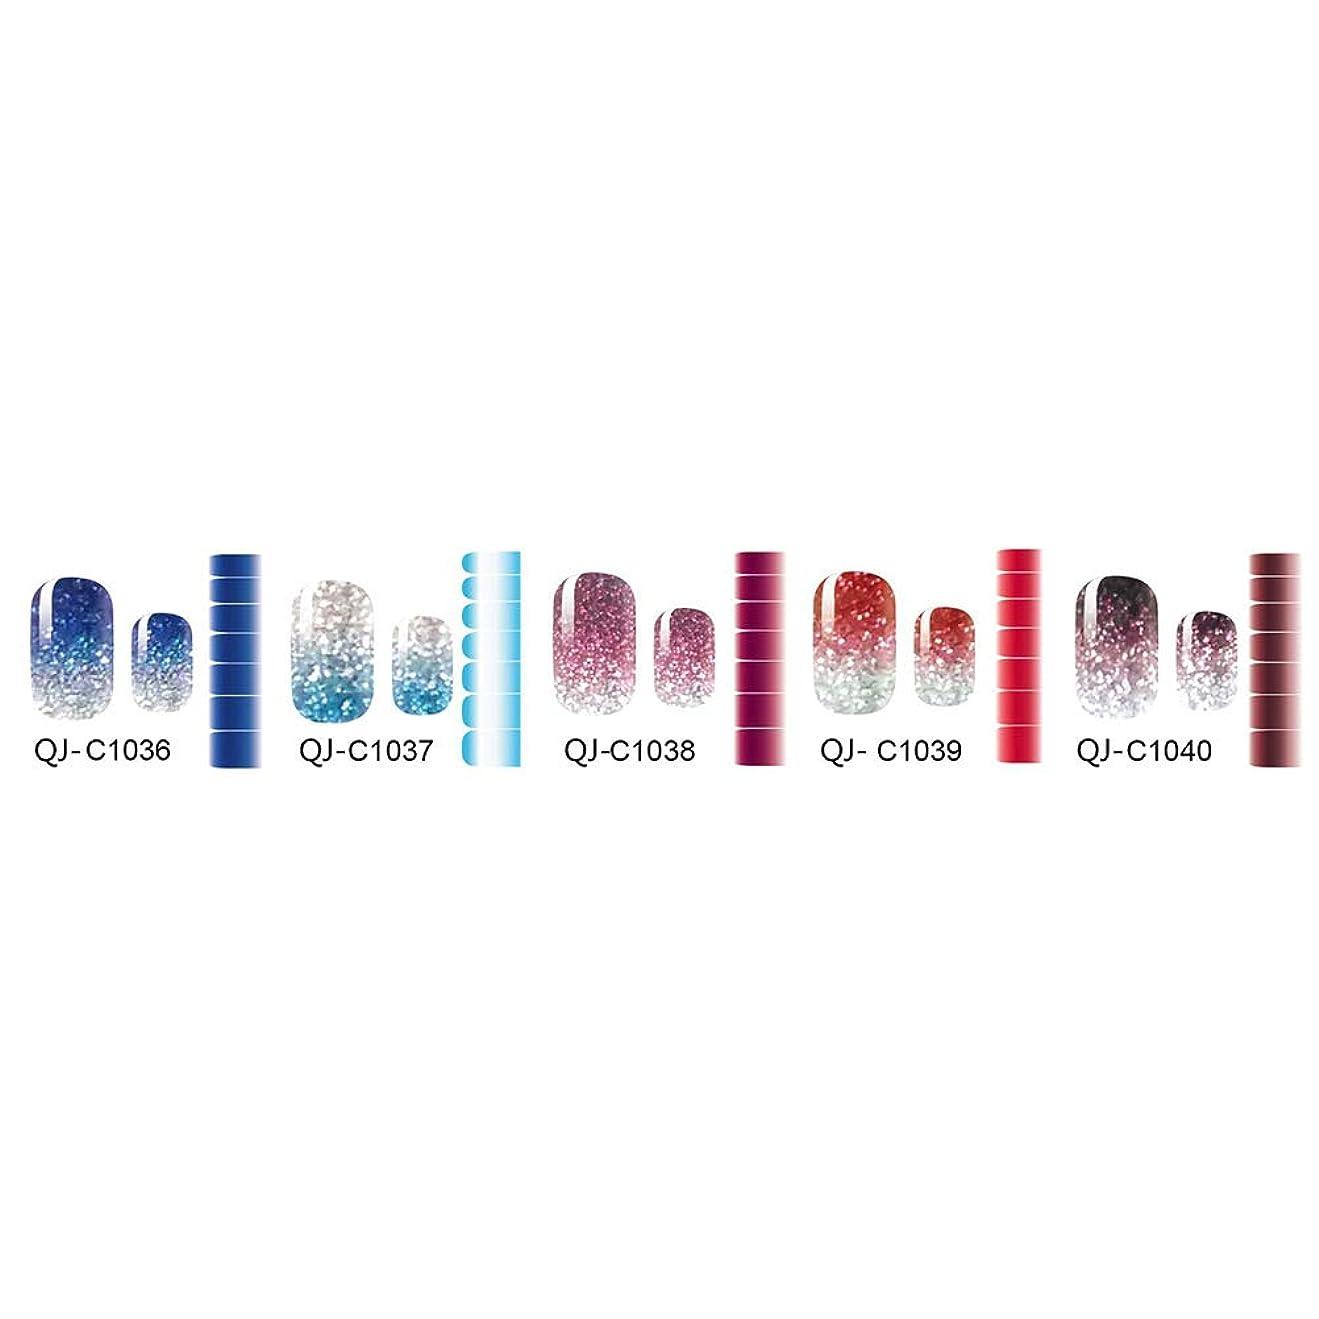 先見の明コミュニケーションメーカーBeaupretty 5枚フルネイルアートポーランドステッカーシニーグリッターデザインネイルポリッシュラップストリップ用女性女の子